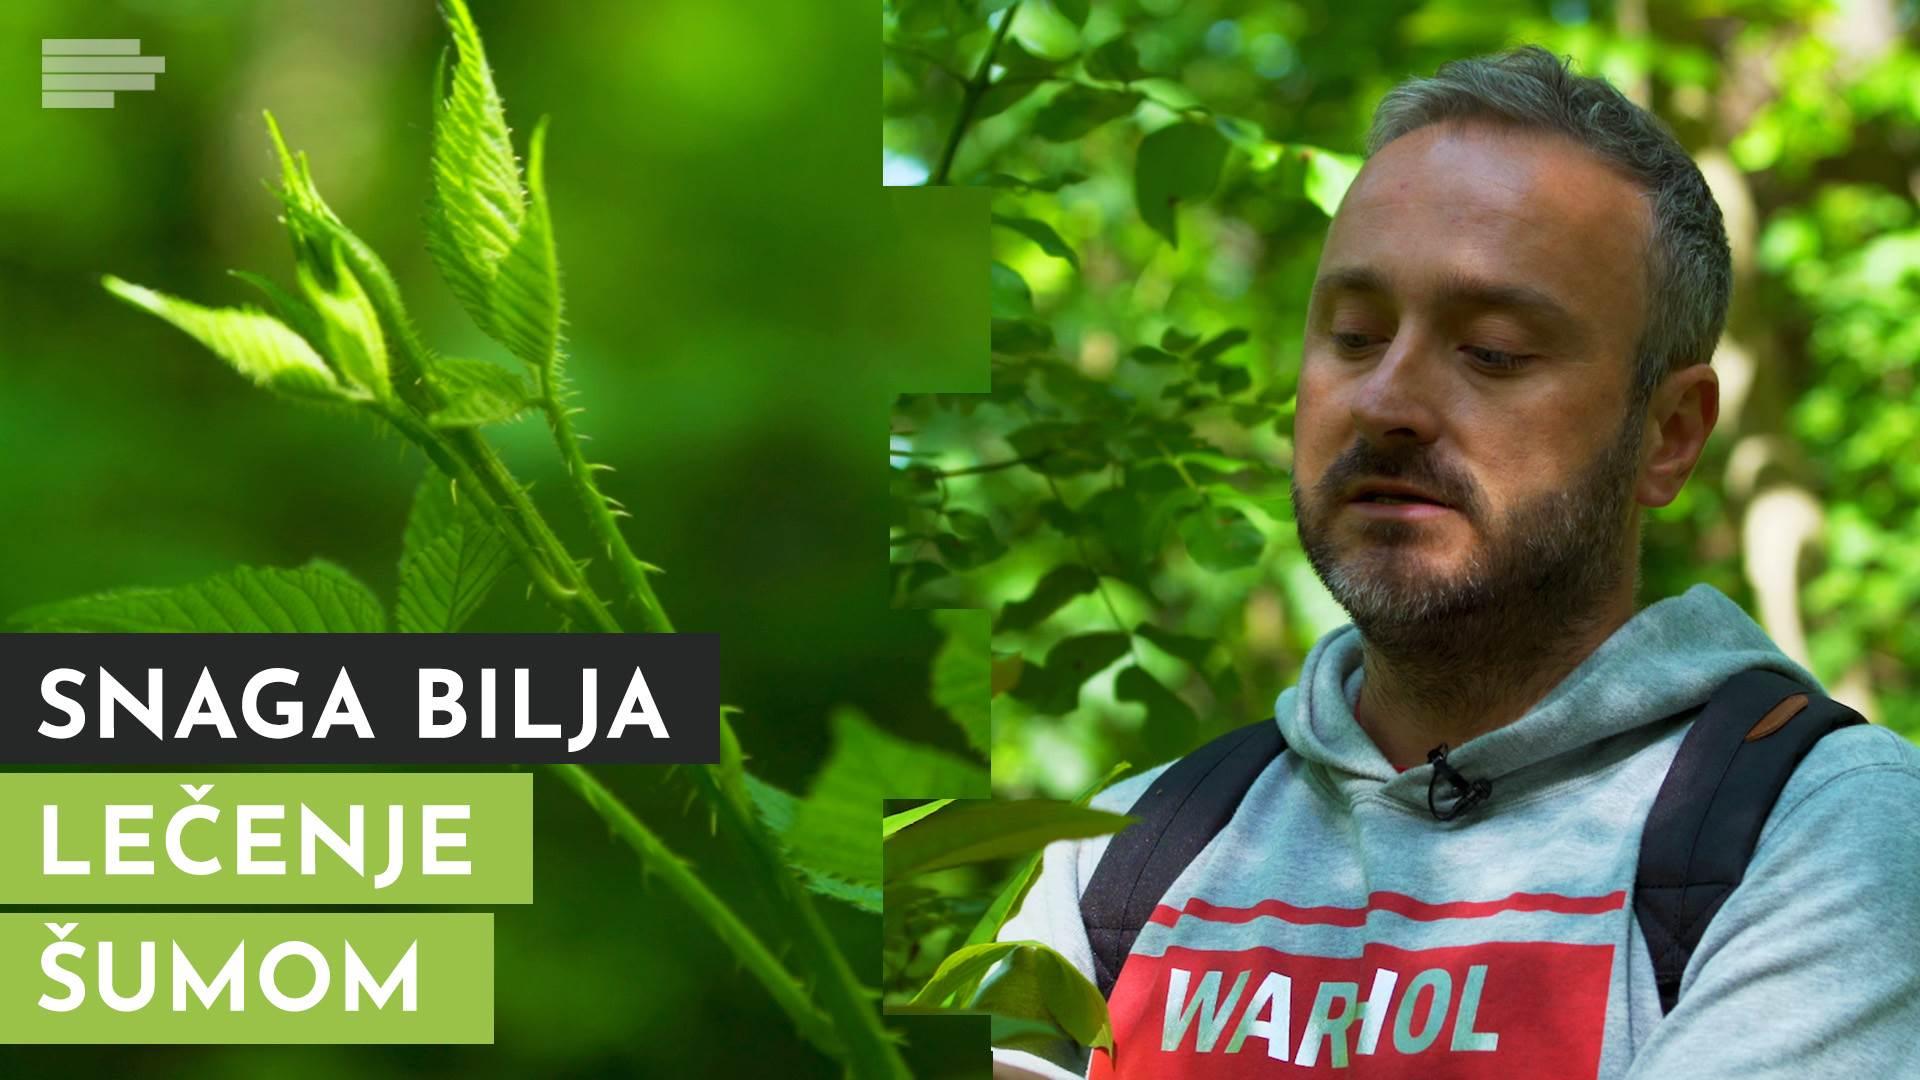 Snaga bilja: Liječenje šumom